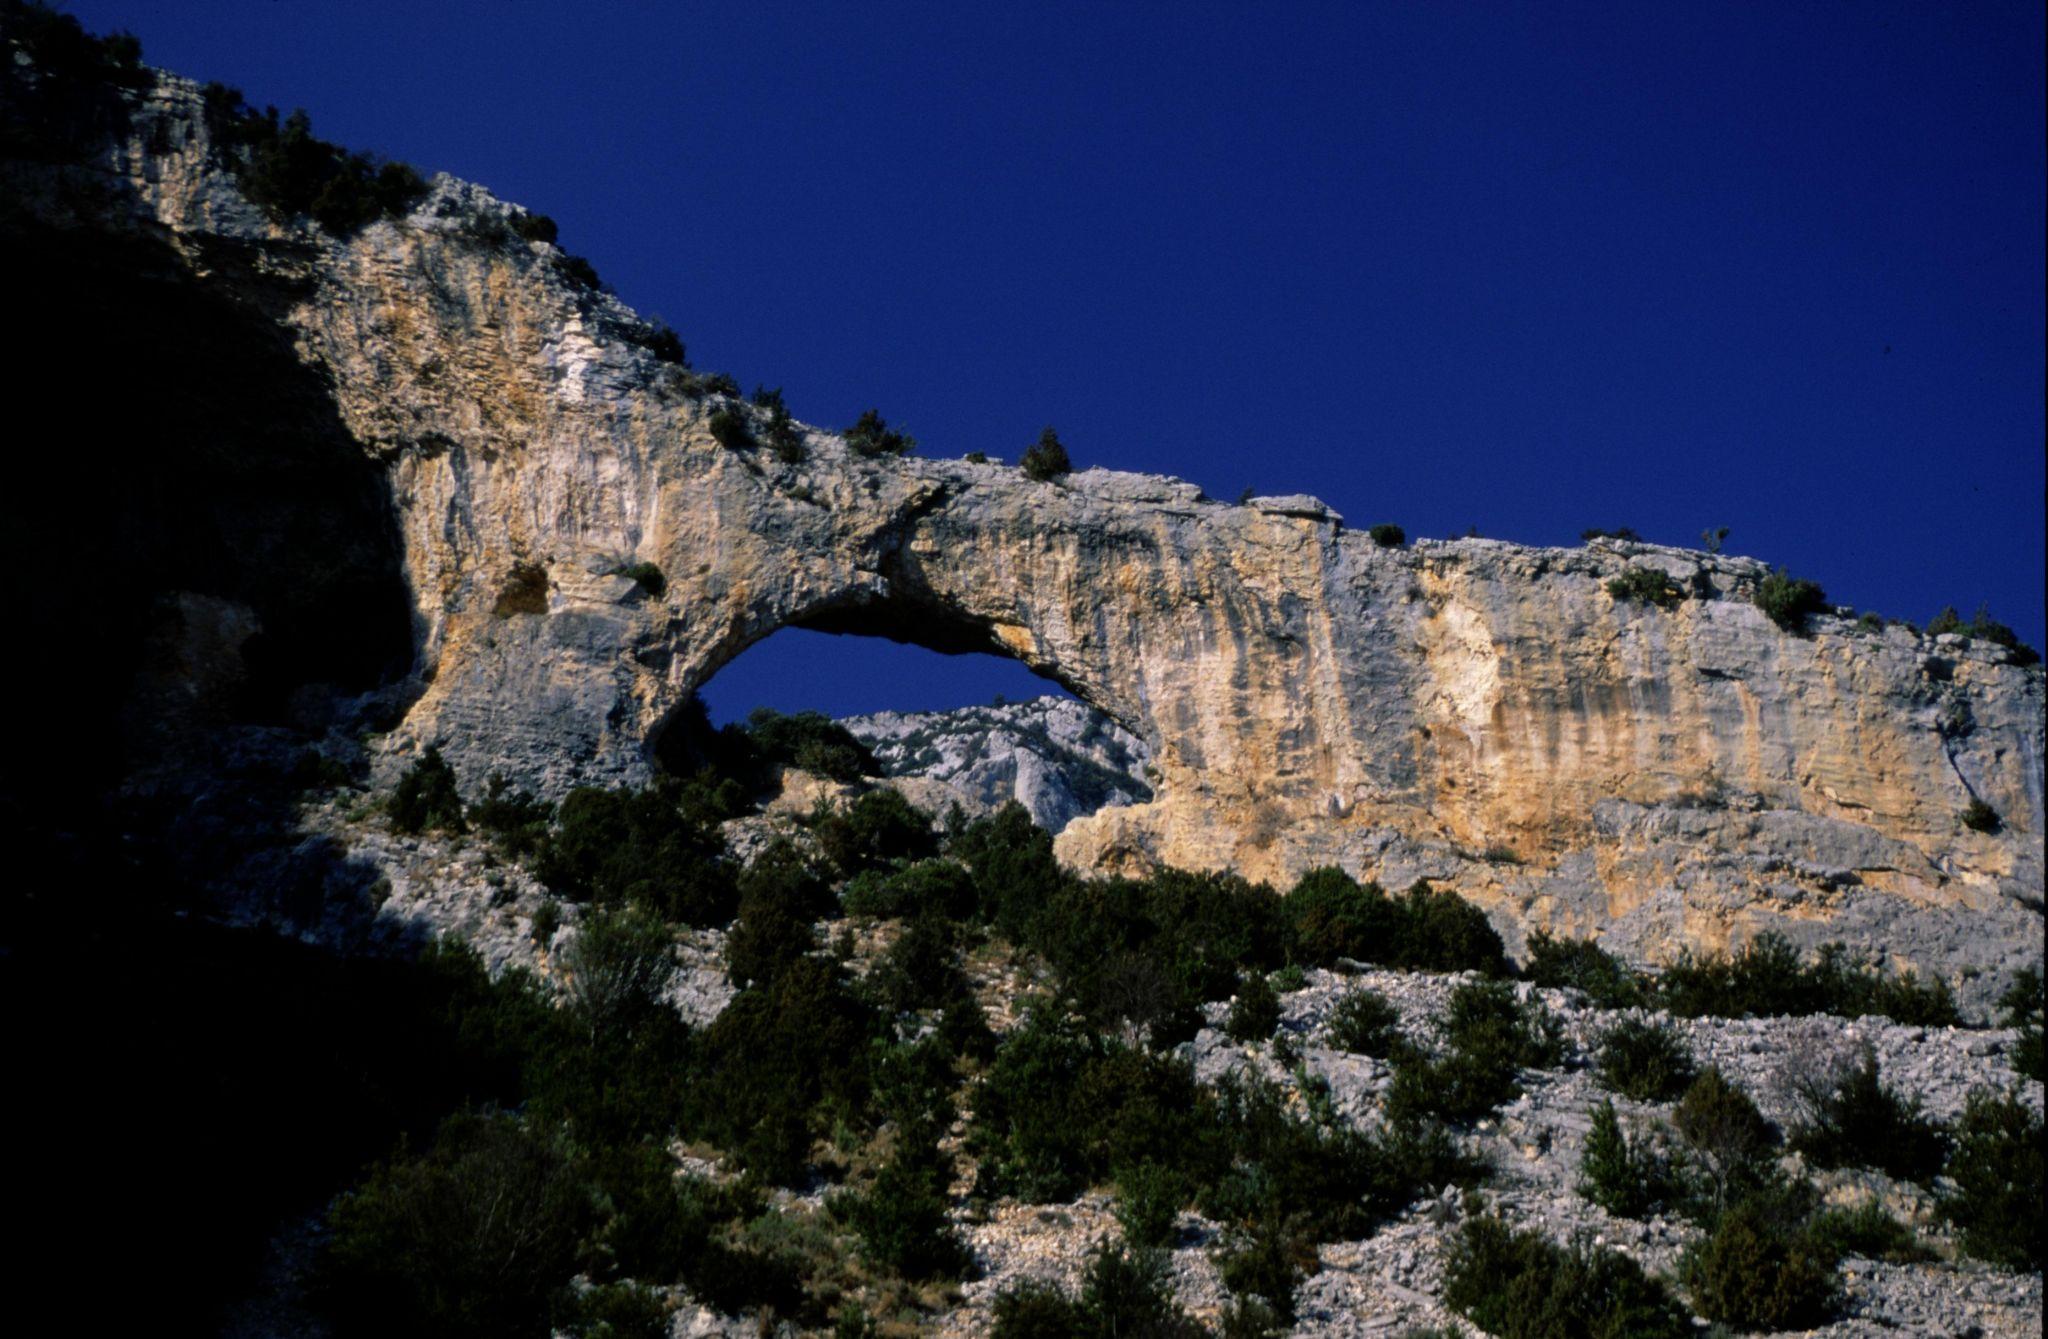 Rio Mascun Canyon, Spain